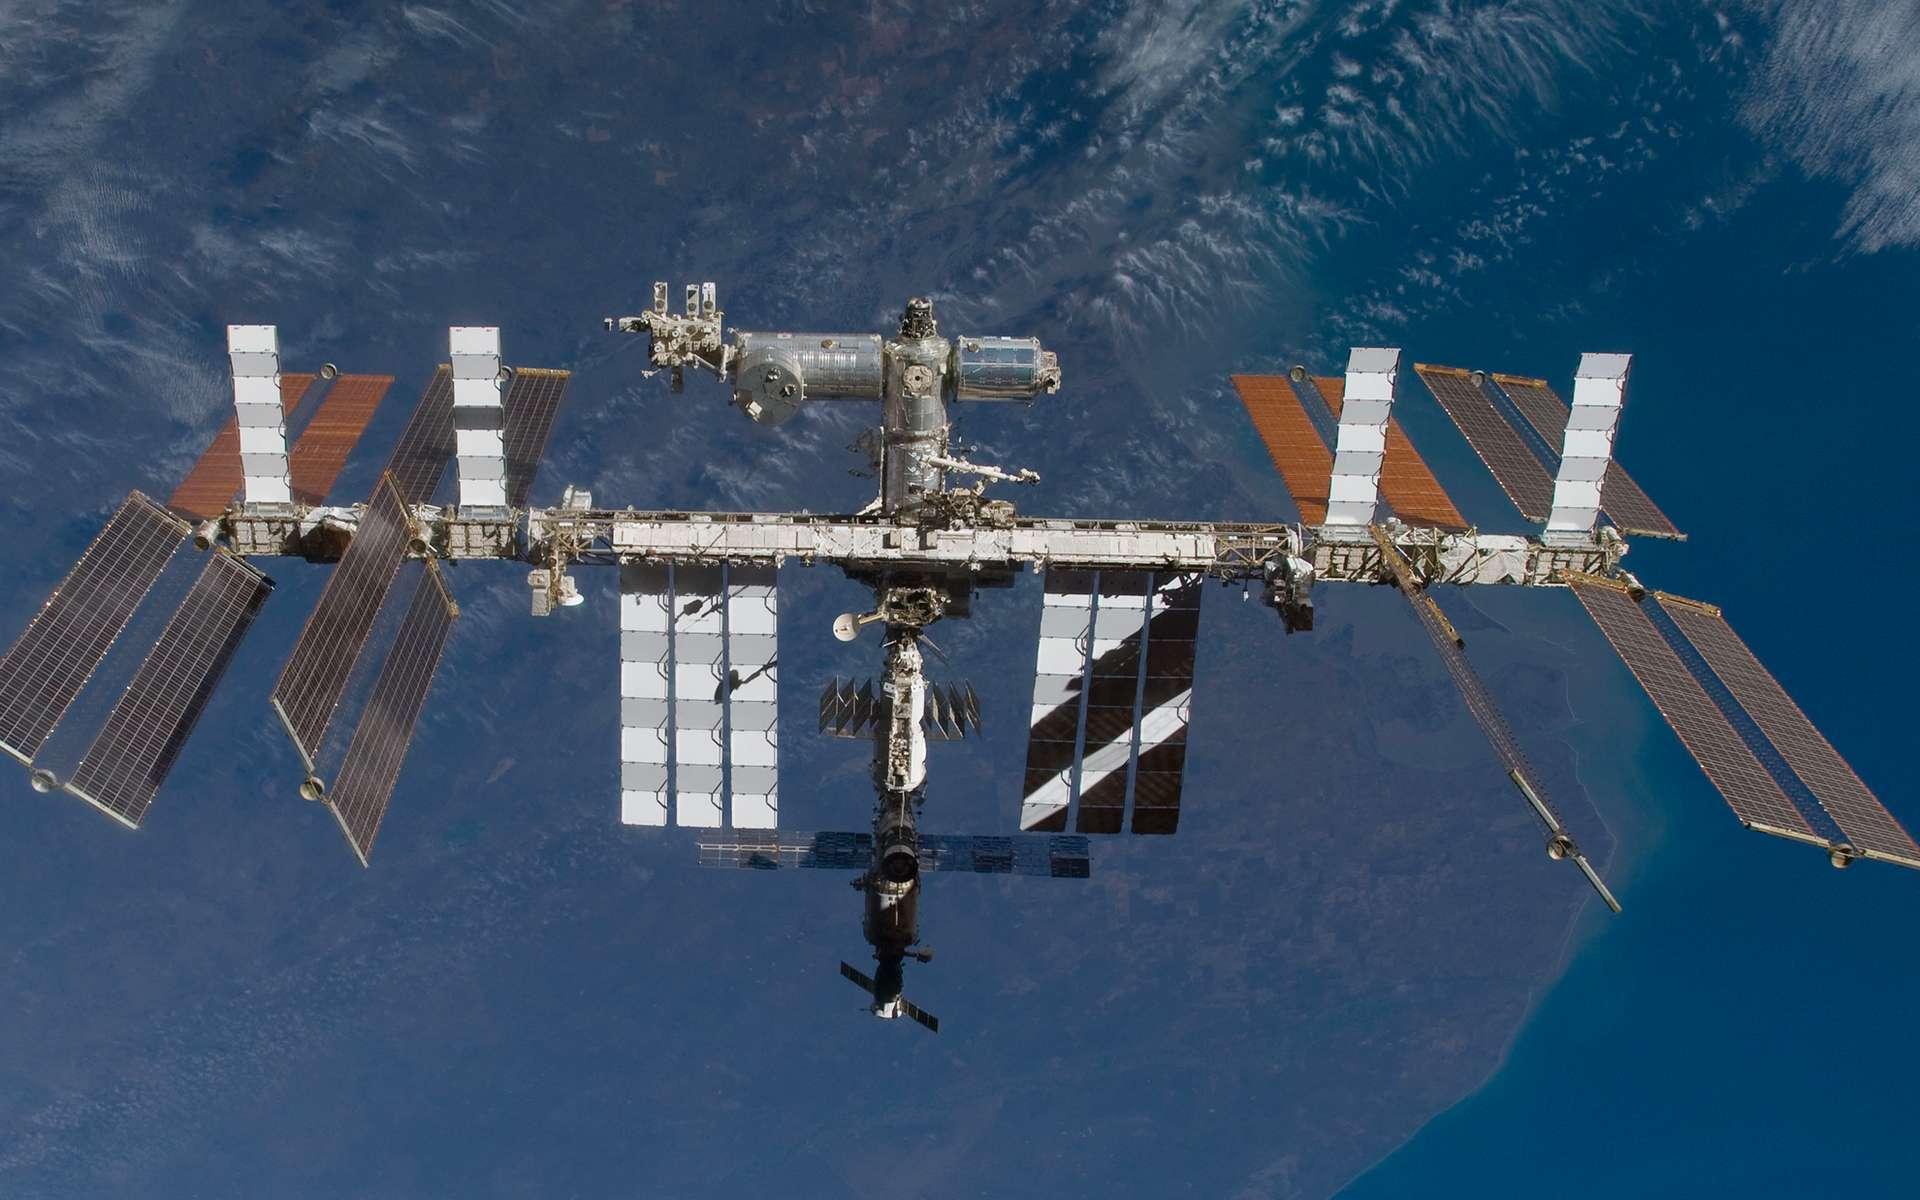 La Station spatiale internationale vue depuis la navette Atlantis en novembre 2009 (STS-129). Au-dessus de la grande poutre centrale (qui supporte notamment les panneaux solaires et ceux dissipateurs de chaleur), on peut voir les modules de la partie occidentale et nippone du complexe orbital. Le module européen Columbus est clairement visible avec sa couleur bleutée. © Nasa